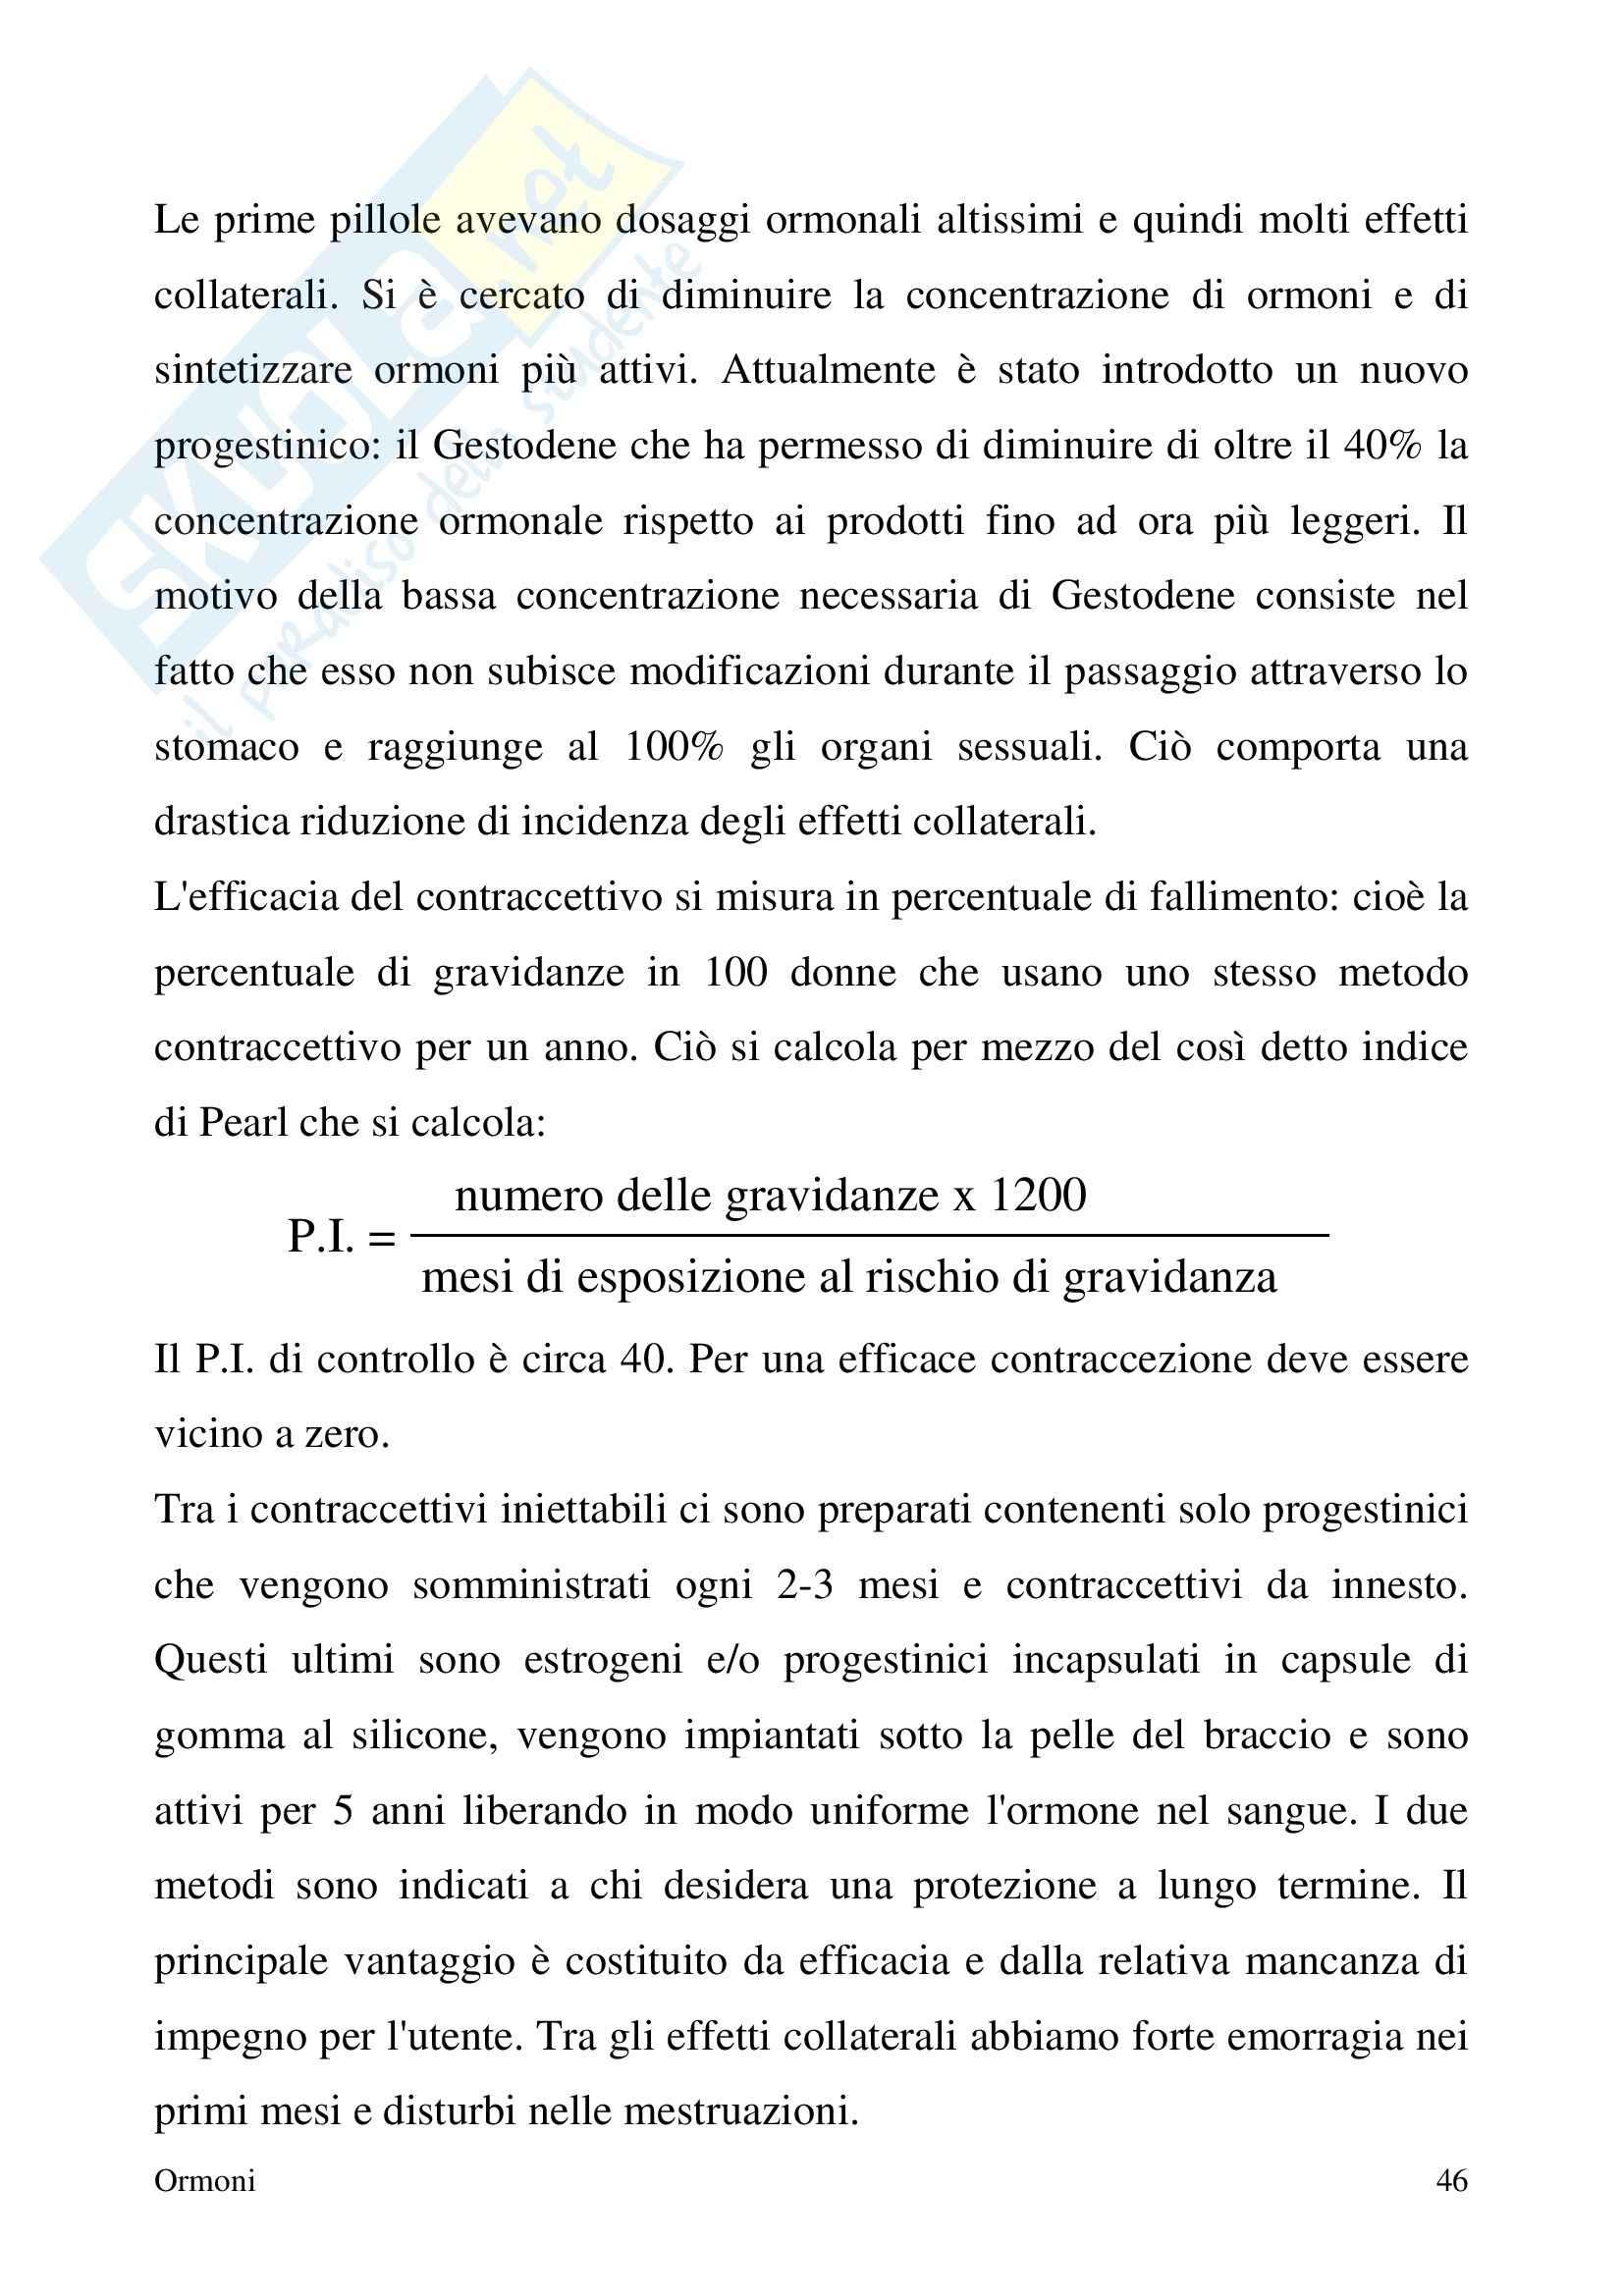 Chimica farmaceutica - ormoni Pag. 46